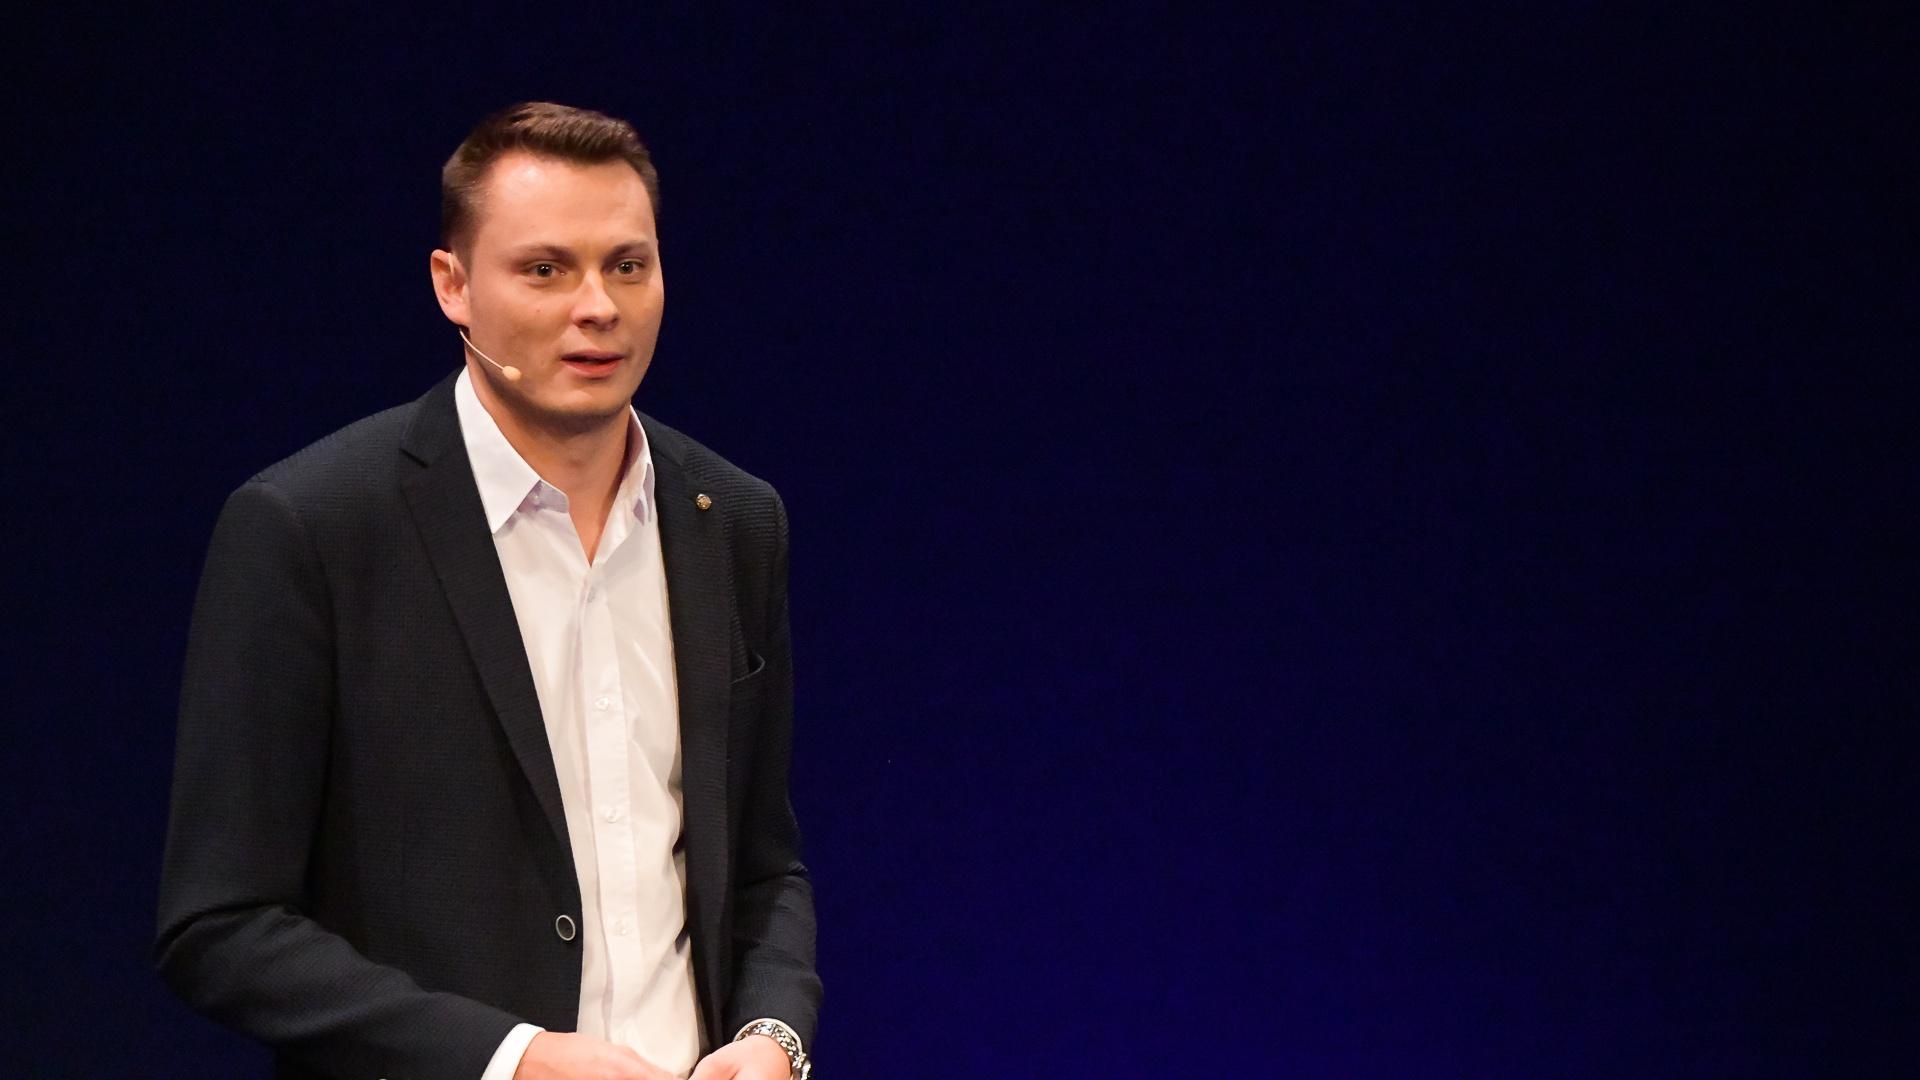 Aleš Písařík - Lekce maďarštiny, aneb jak zachránit mladé manažery